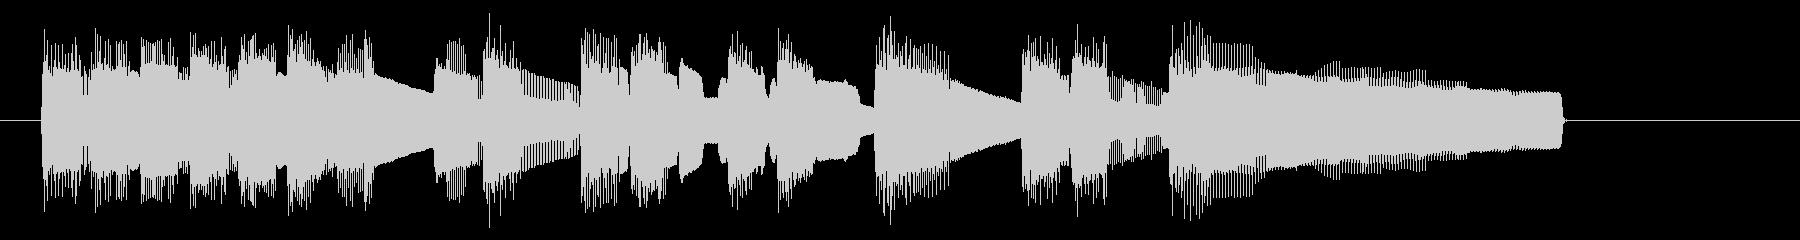 NES アクションD09-1(クリア1)の未再生の波形